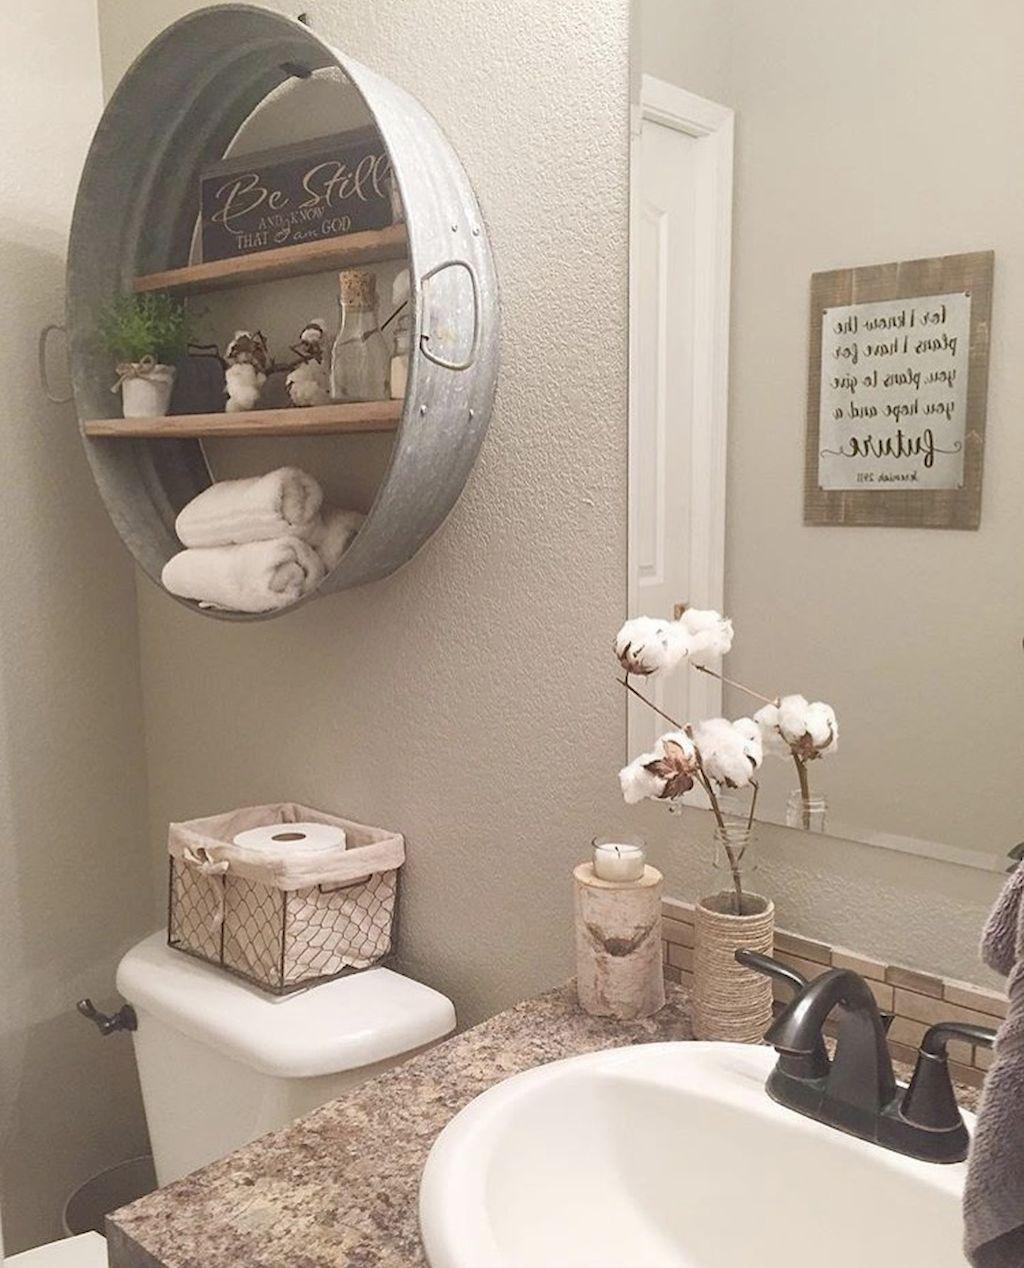 Vintage Farmhouse Bathroom Remodel Ideas On A Budget 14 Farmhouse Bathroom Decor Easy Home Decor Country Farmhouse Decor